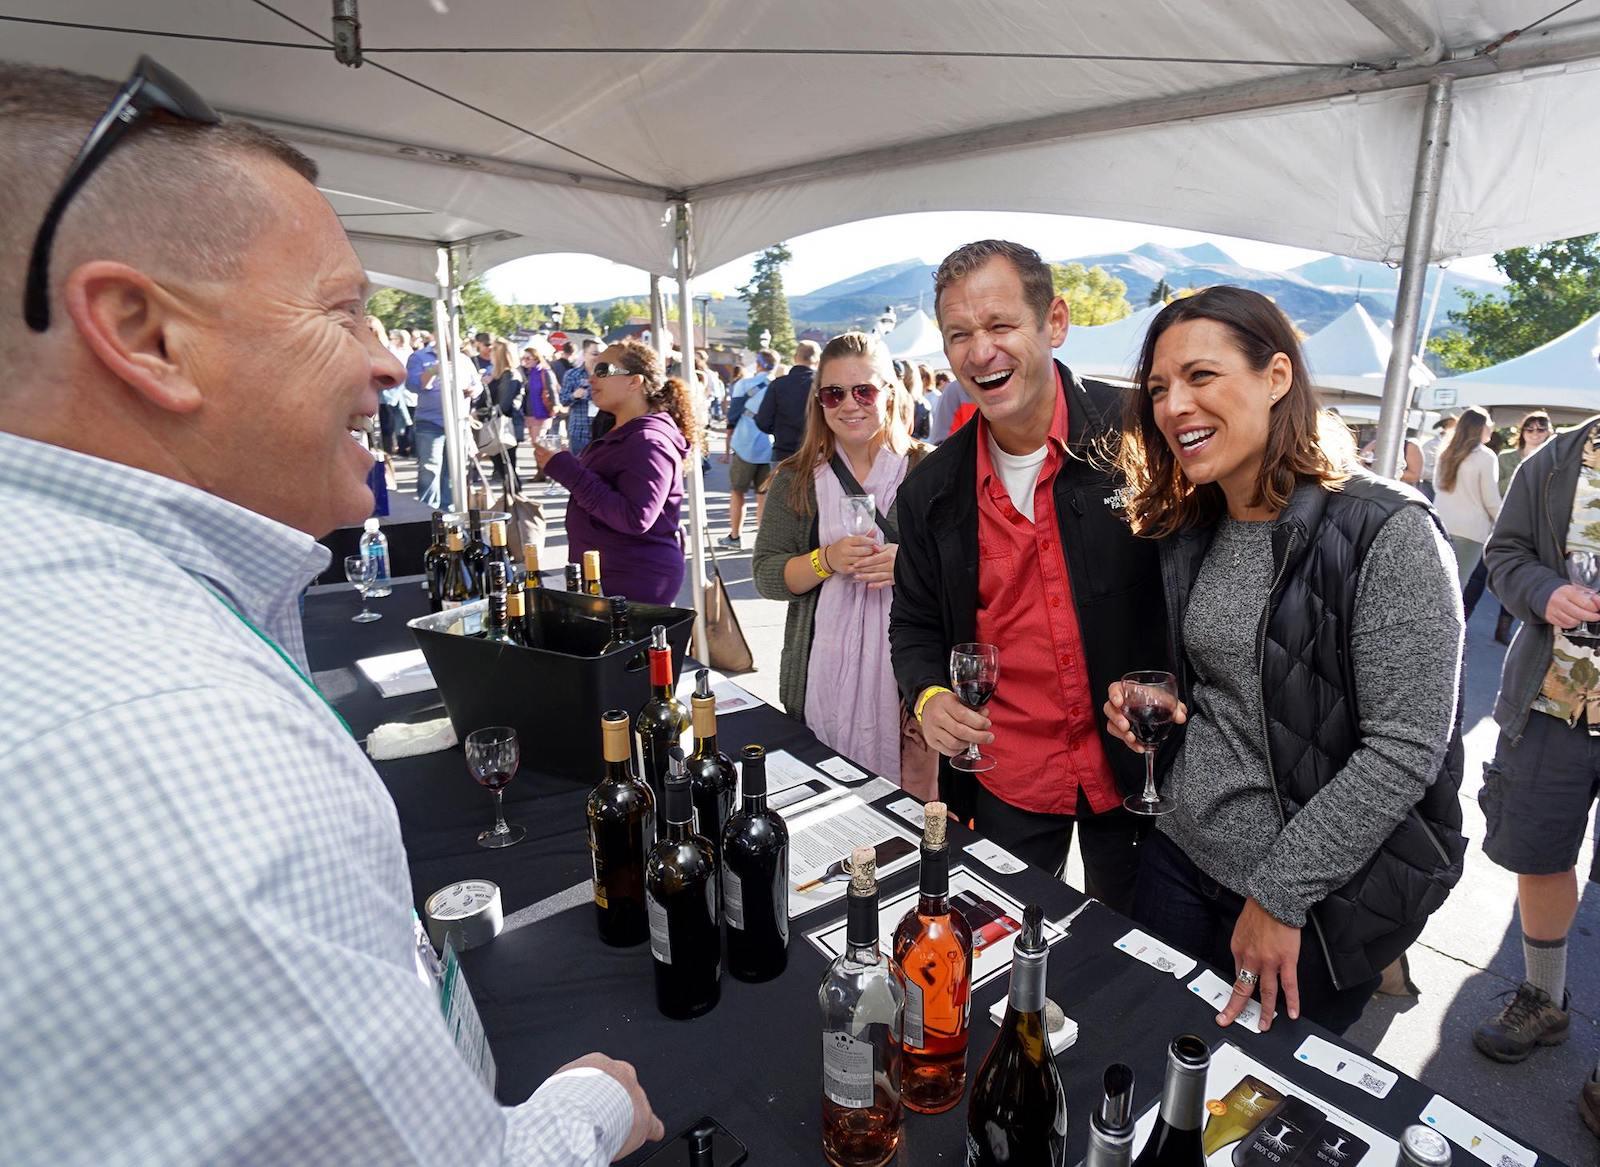 A booth at the Breckenridge Wine Classic in Colorado